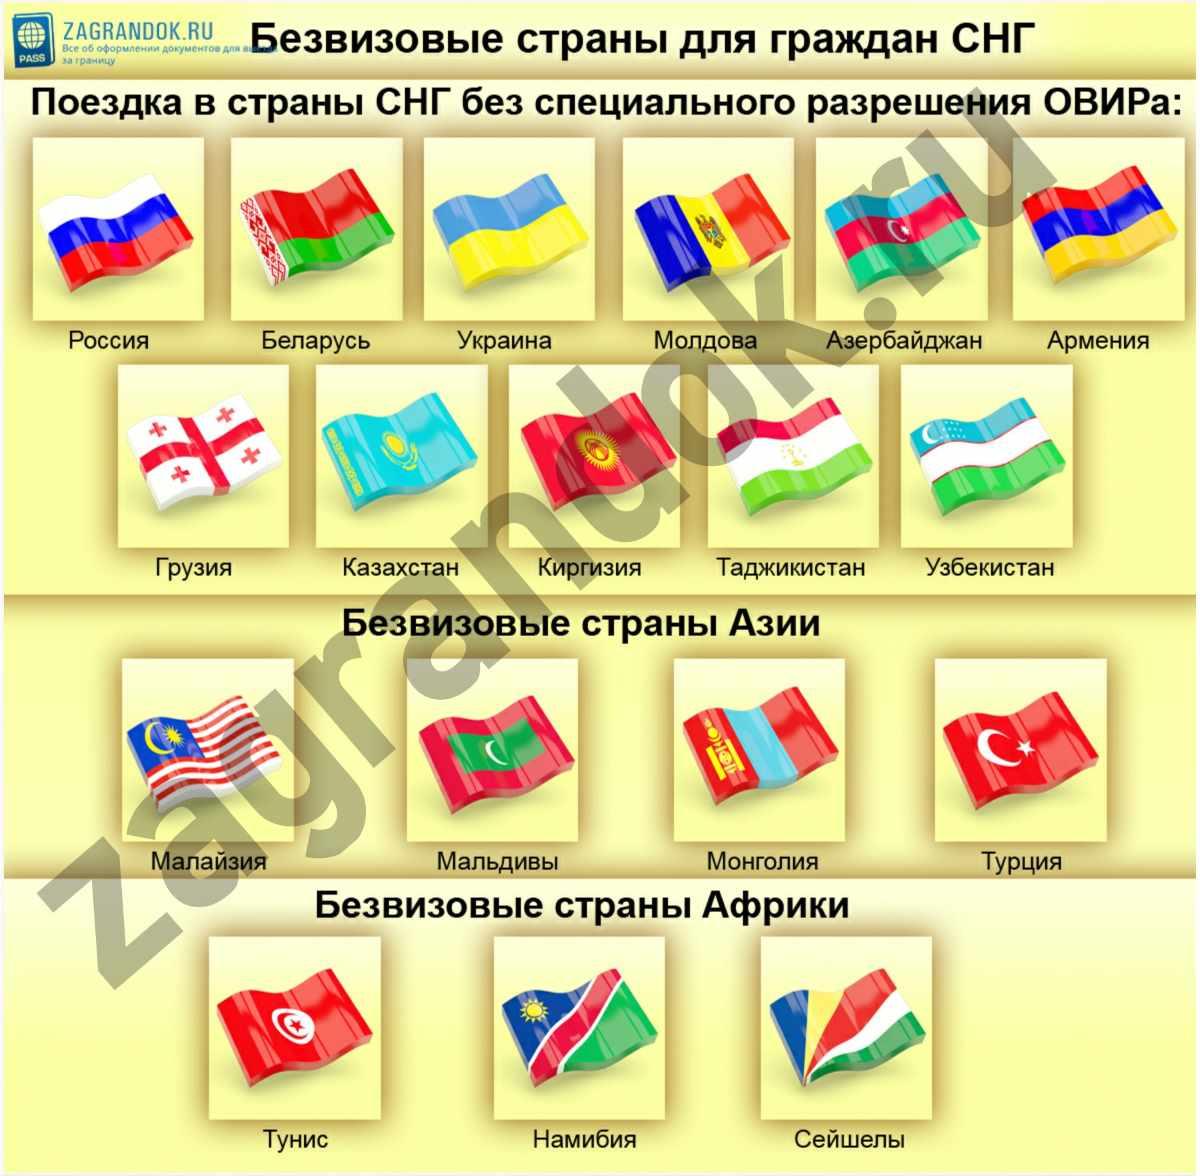 Безвизовые страны для граждан СНГ